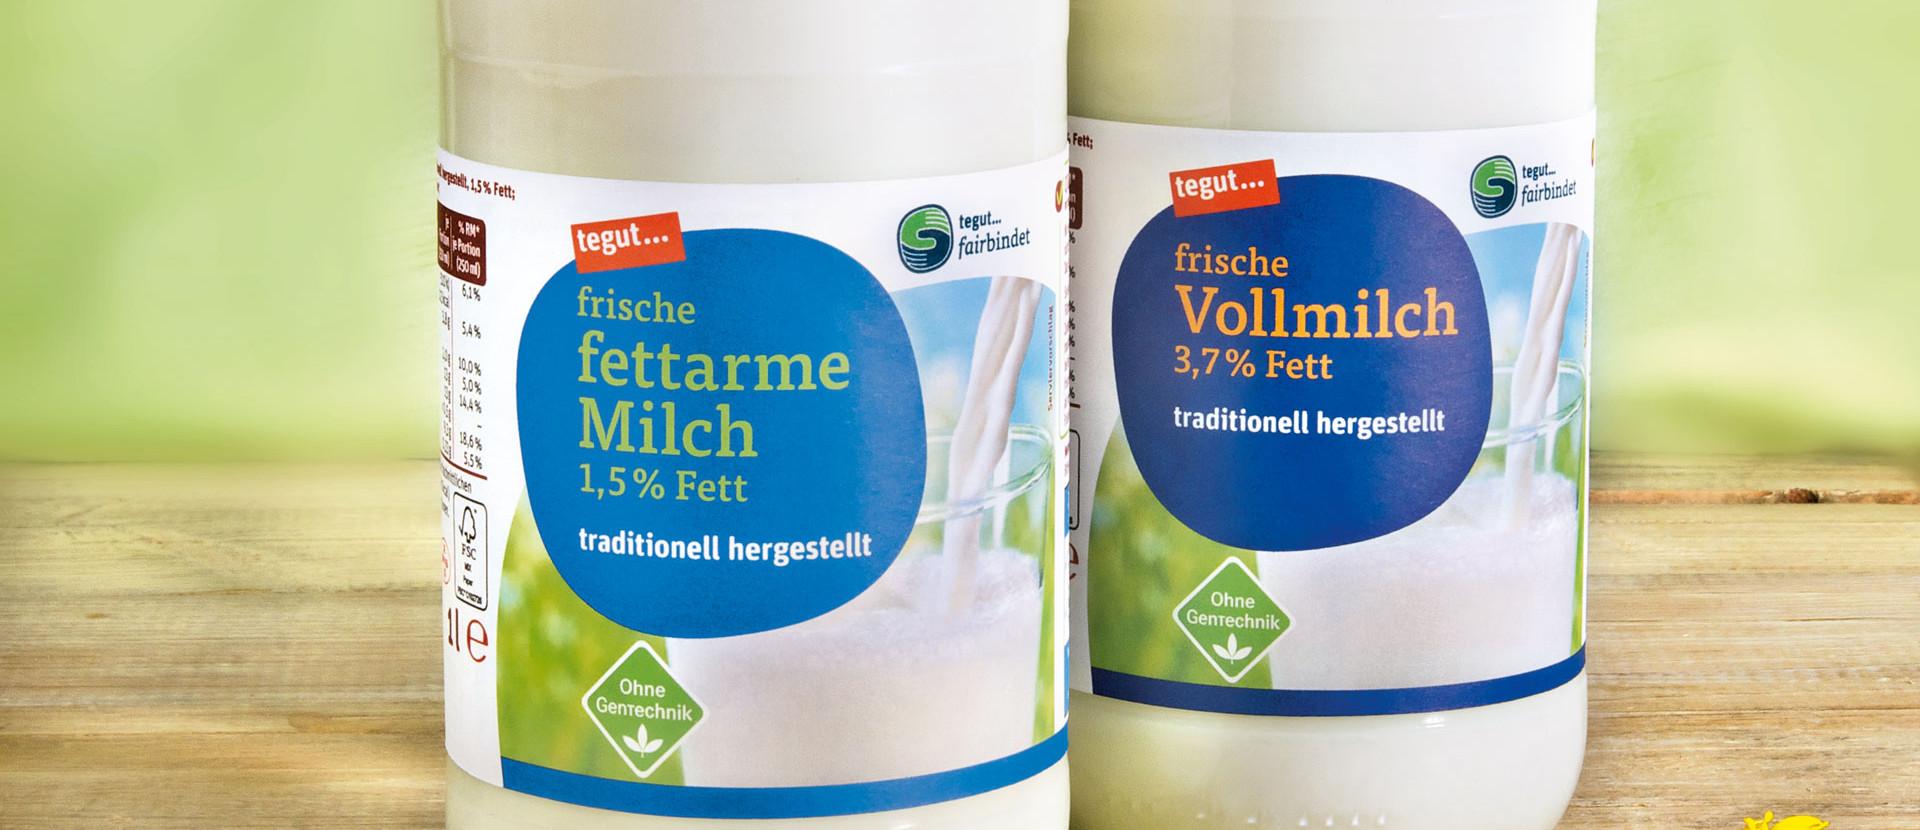 tegut... Frischmilch in Glasflaschen